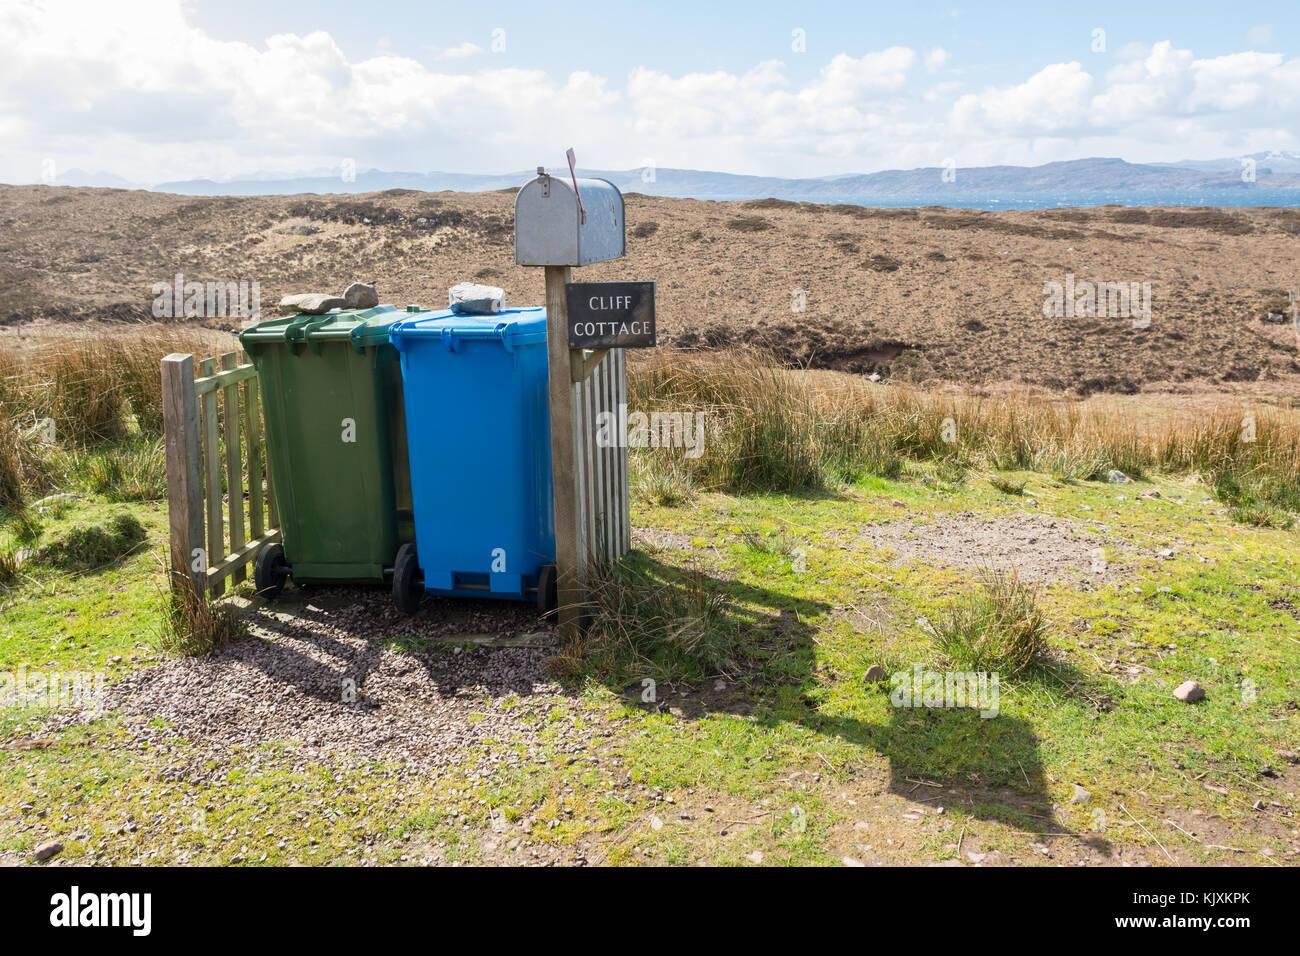 Wheelie Bins in einem abgelegenen schottischen Ort Stockbild